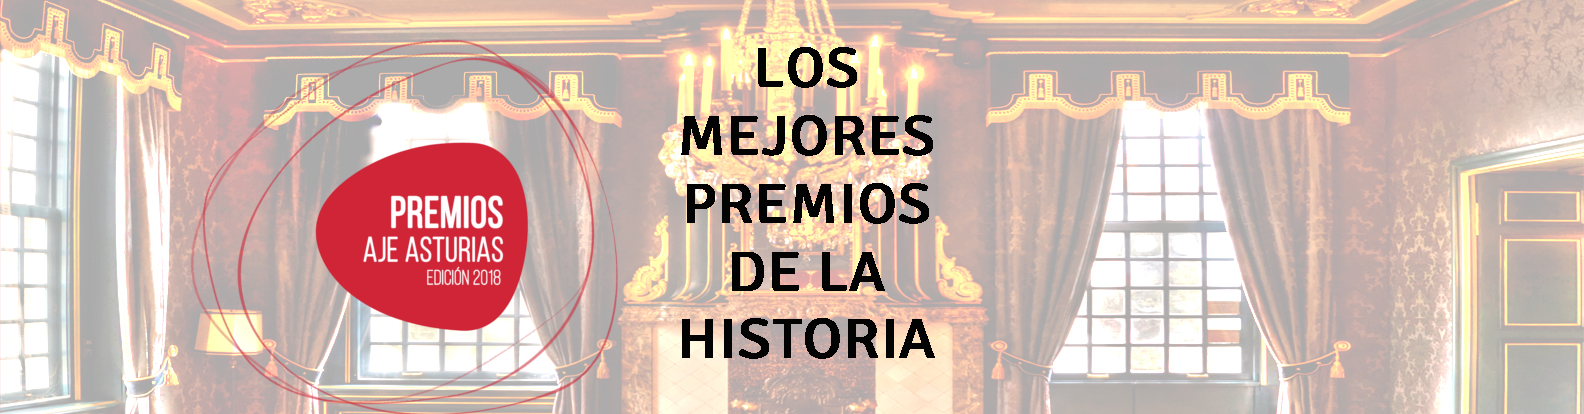 premios aje asturias 2018